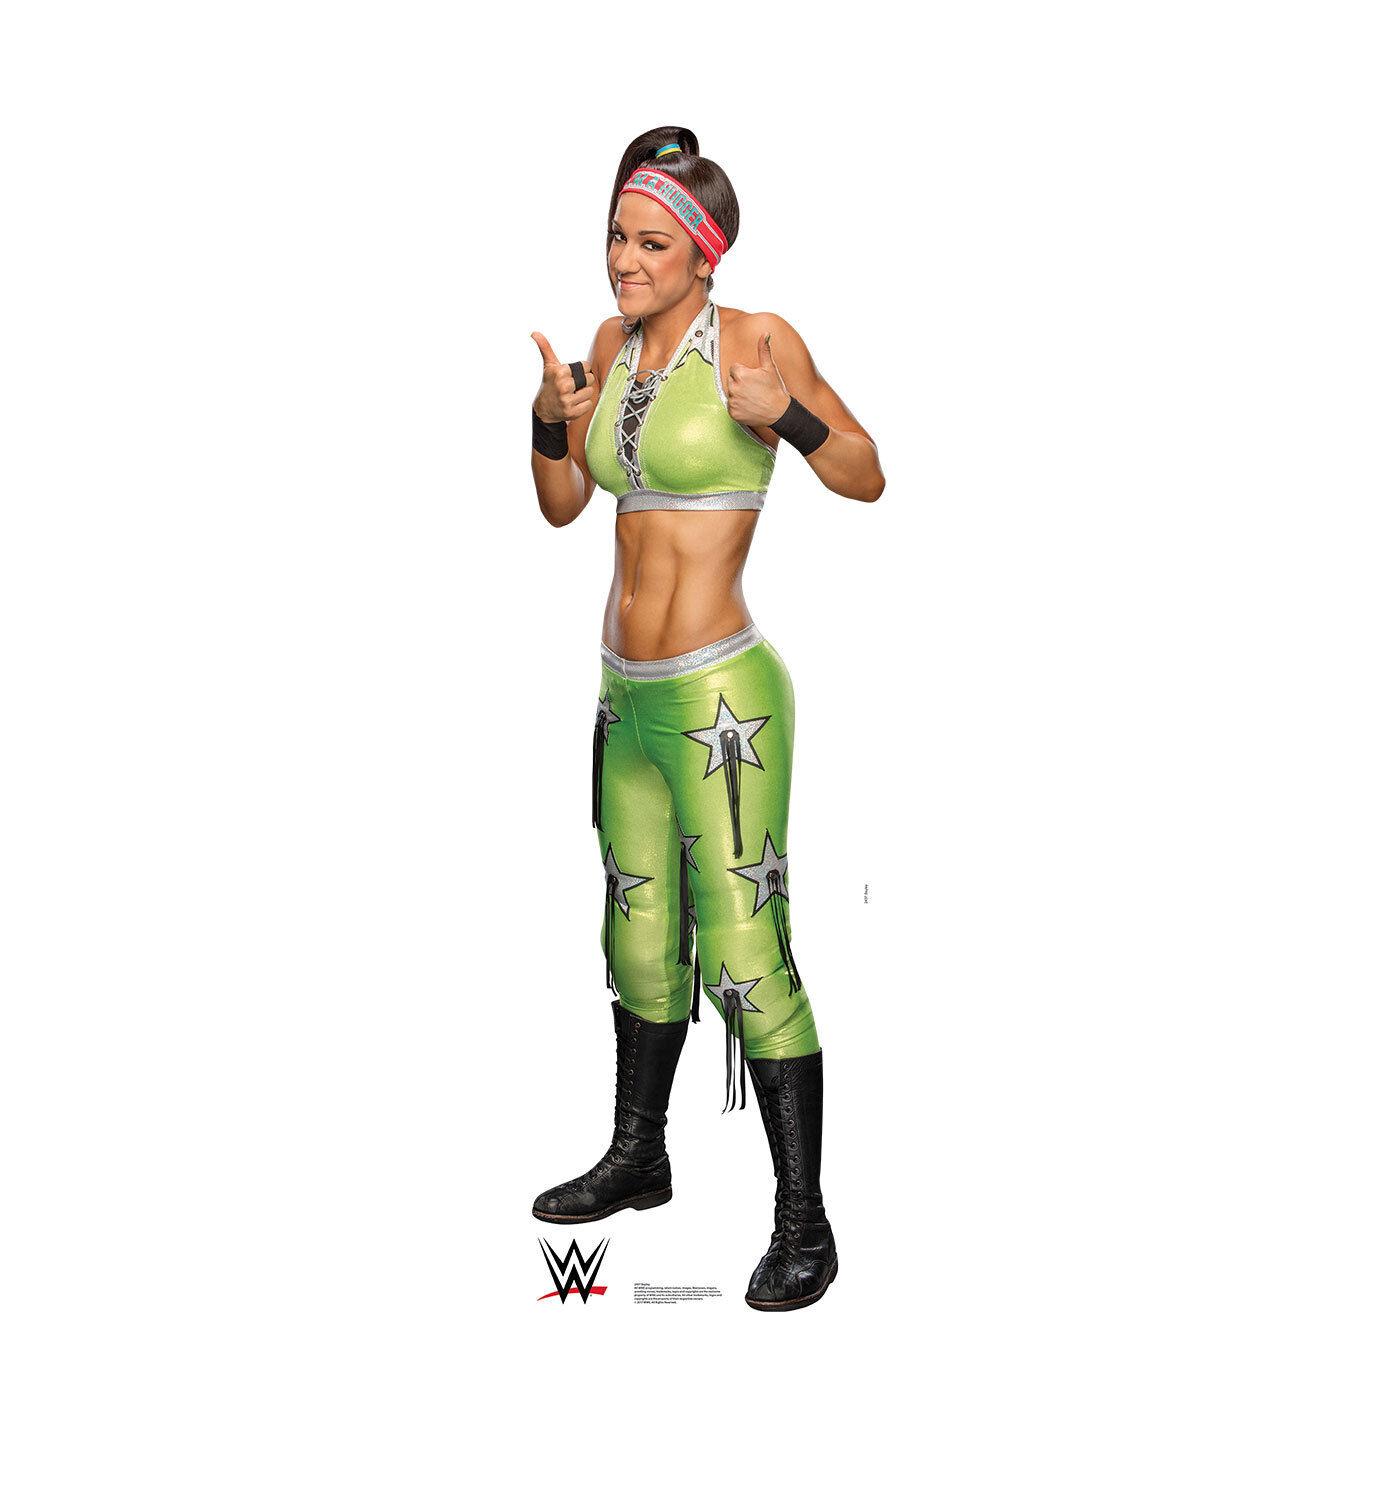 Wwe Bayley Wrestling Fighting Sport Lebensgröße Aufsteller Pappfigur 2437 | Schöne Farbe  | König der Quantität